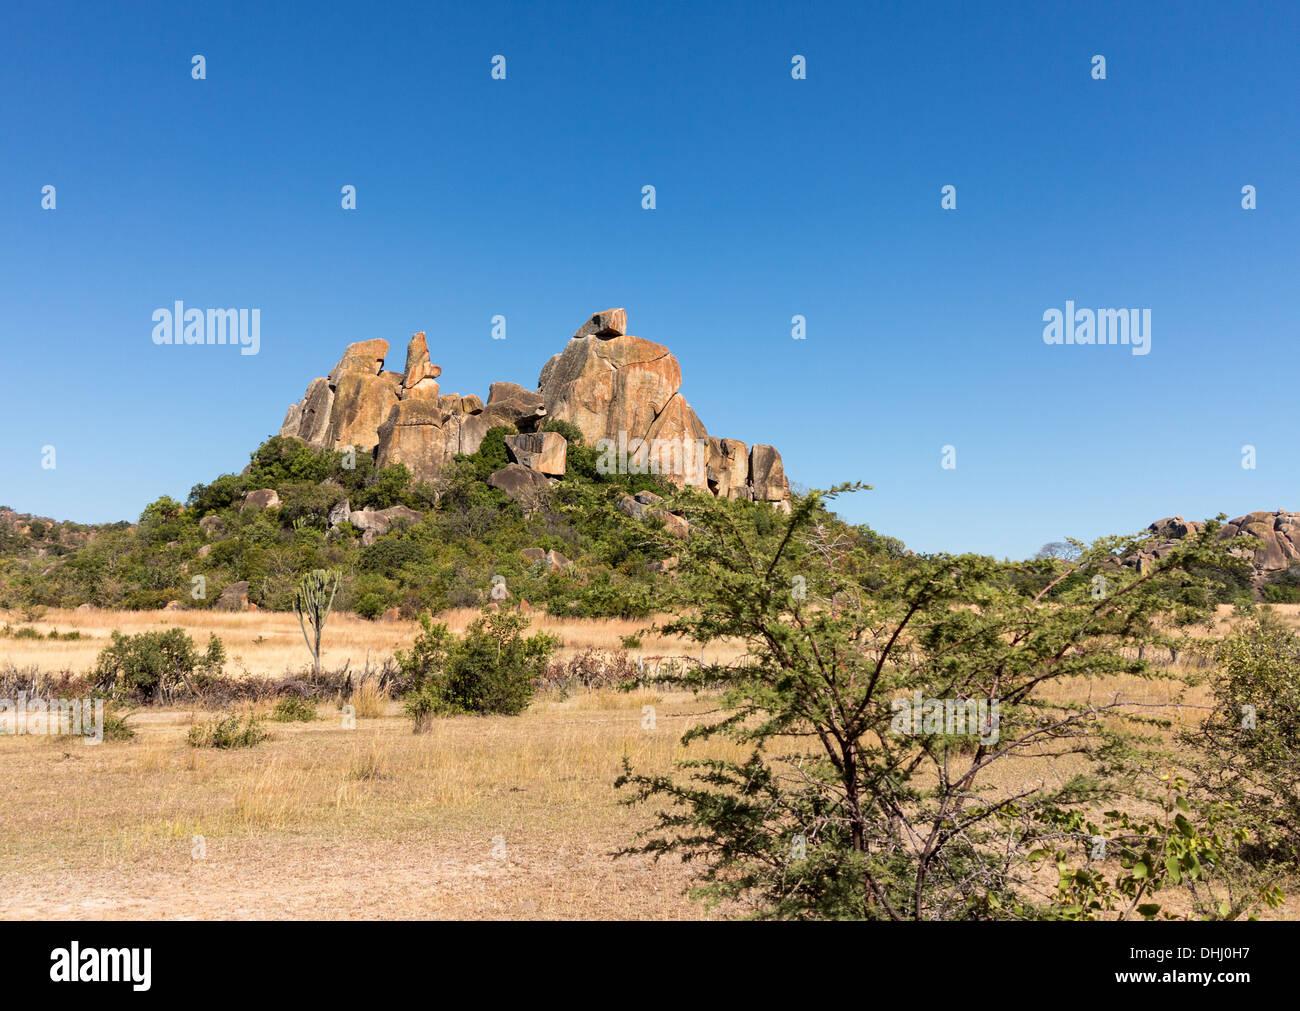 Des formations de roche de granit à Matobo National Park près de Bulawao, Zimbabwe, Afrique du Sud Photo Stock